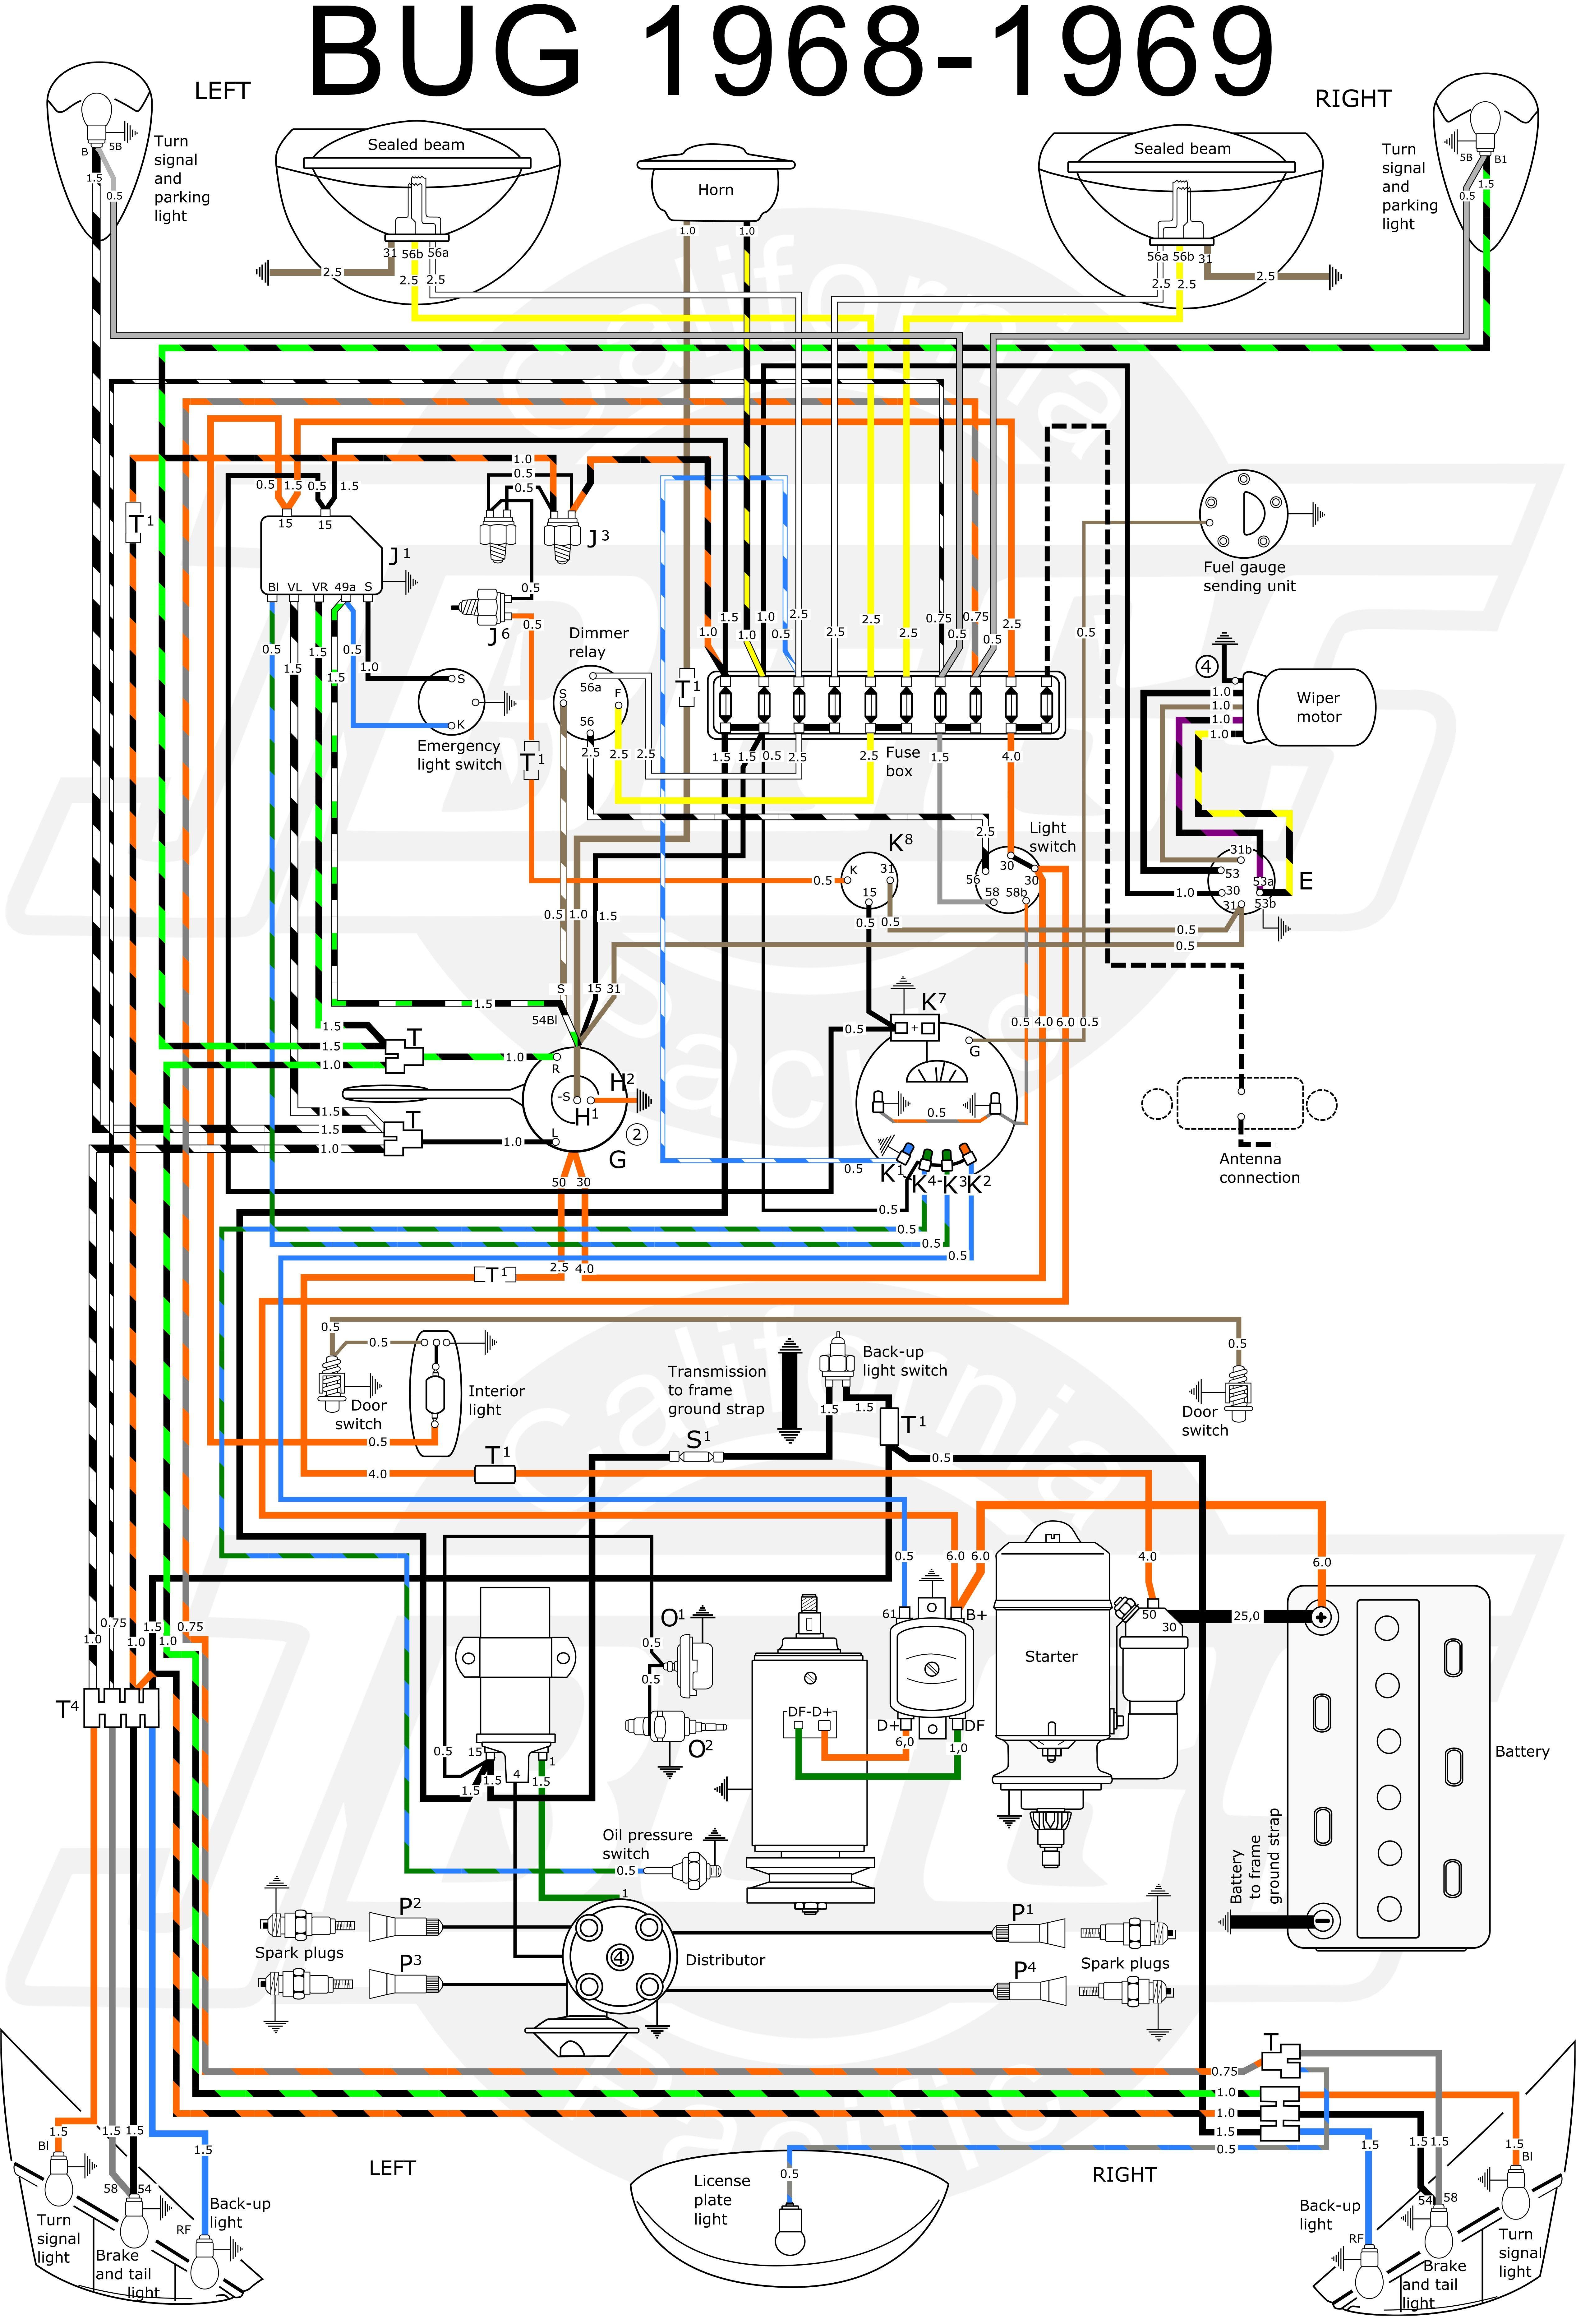 [FPWZ_2684]  Elegant 1968 Vw Beetle Wiring Diagram in 2020 | Vw beetles, Beetle, Diagram | Vw Beetle Wiring Diagram Light |  | Pinterest